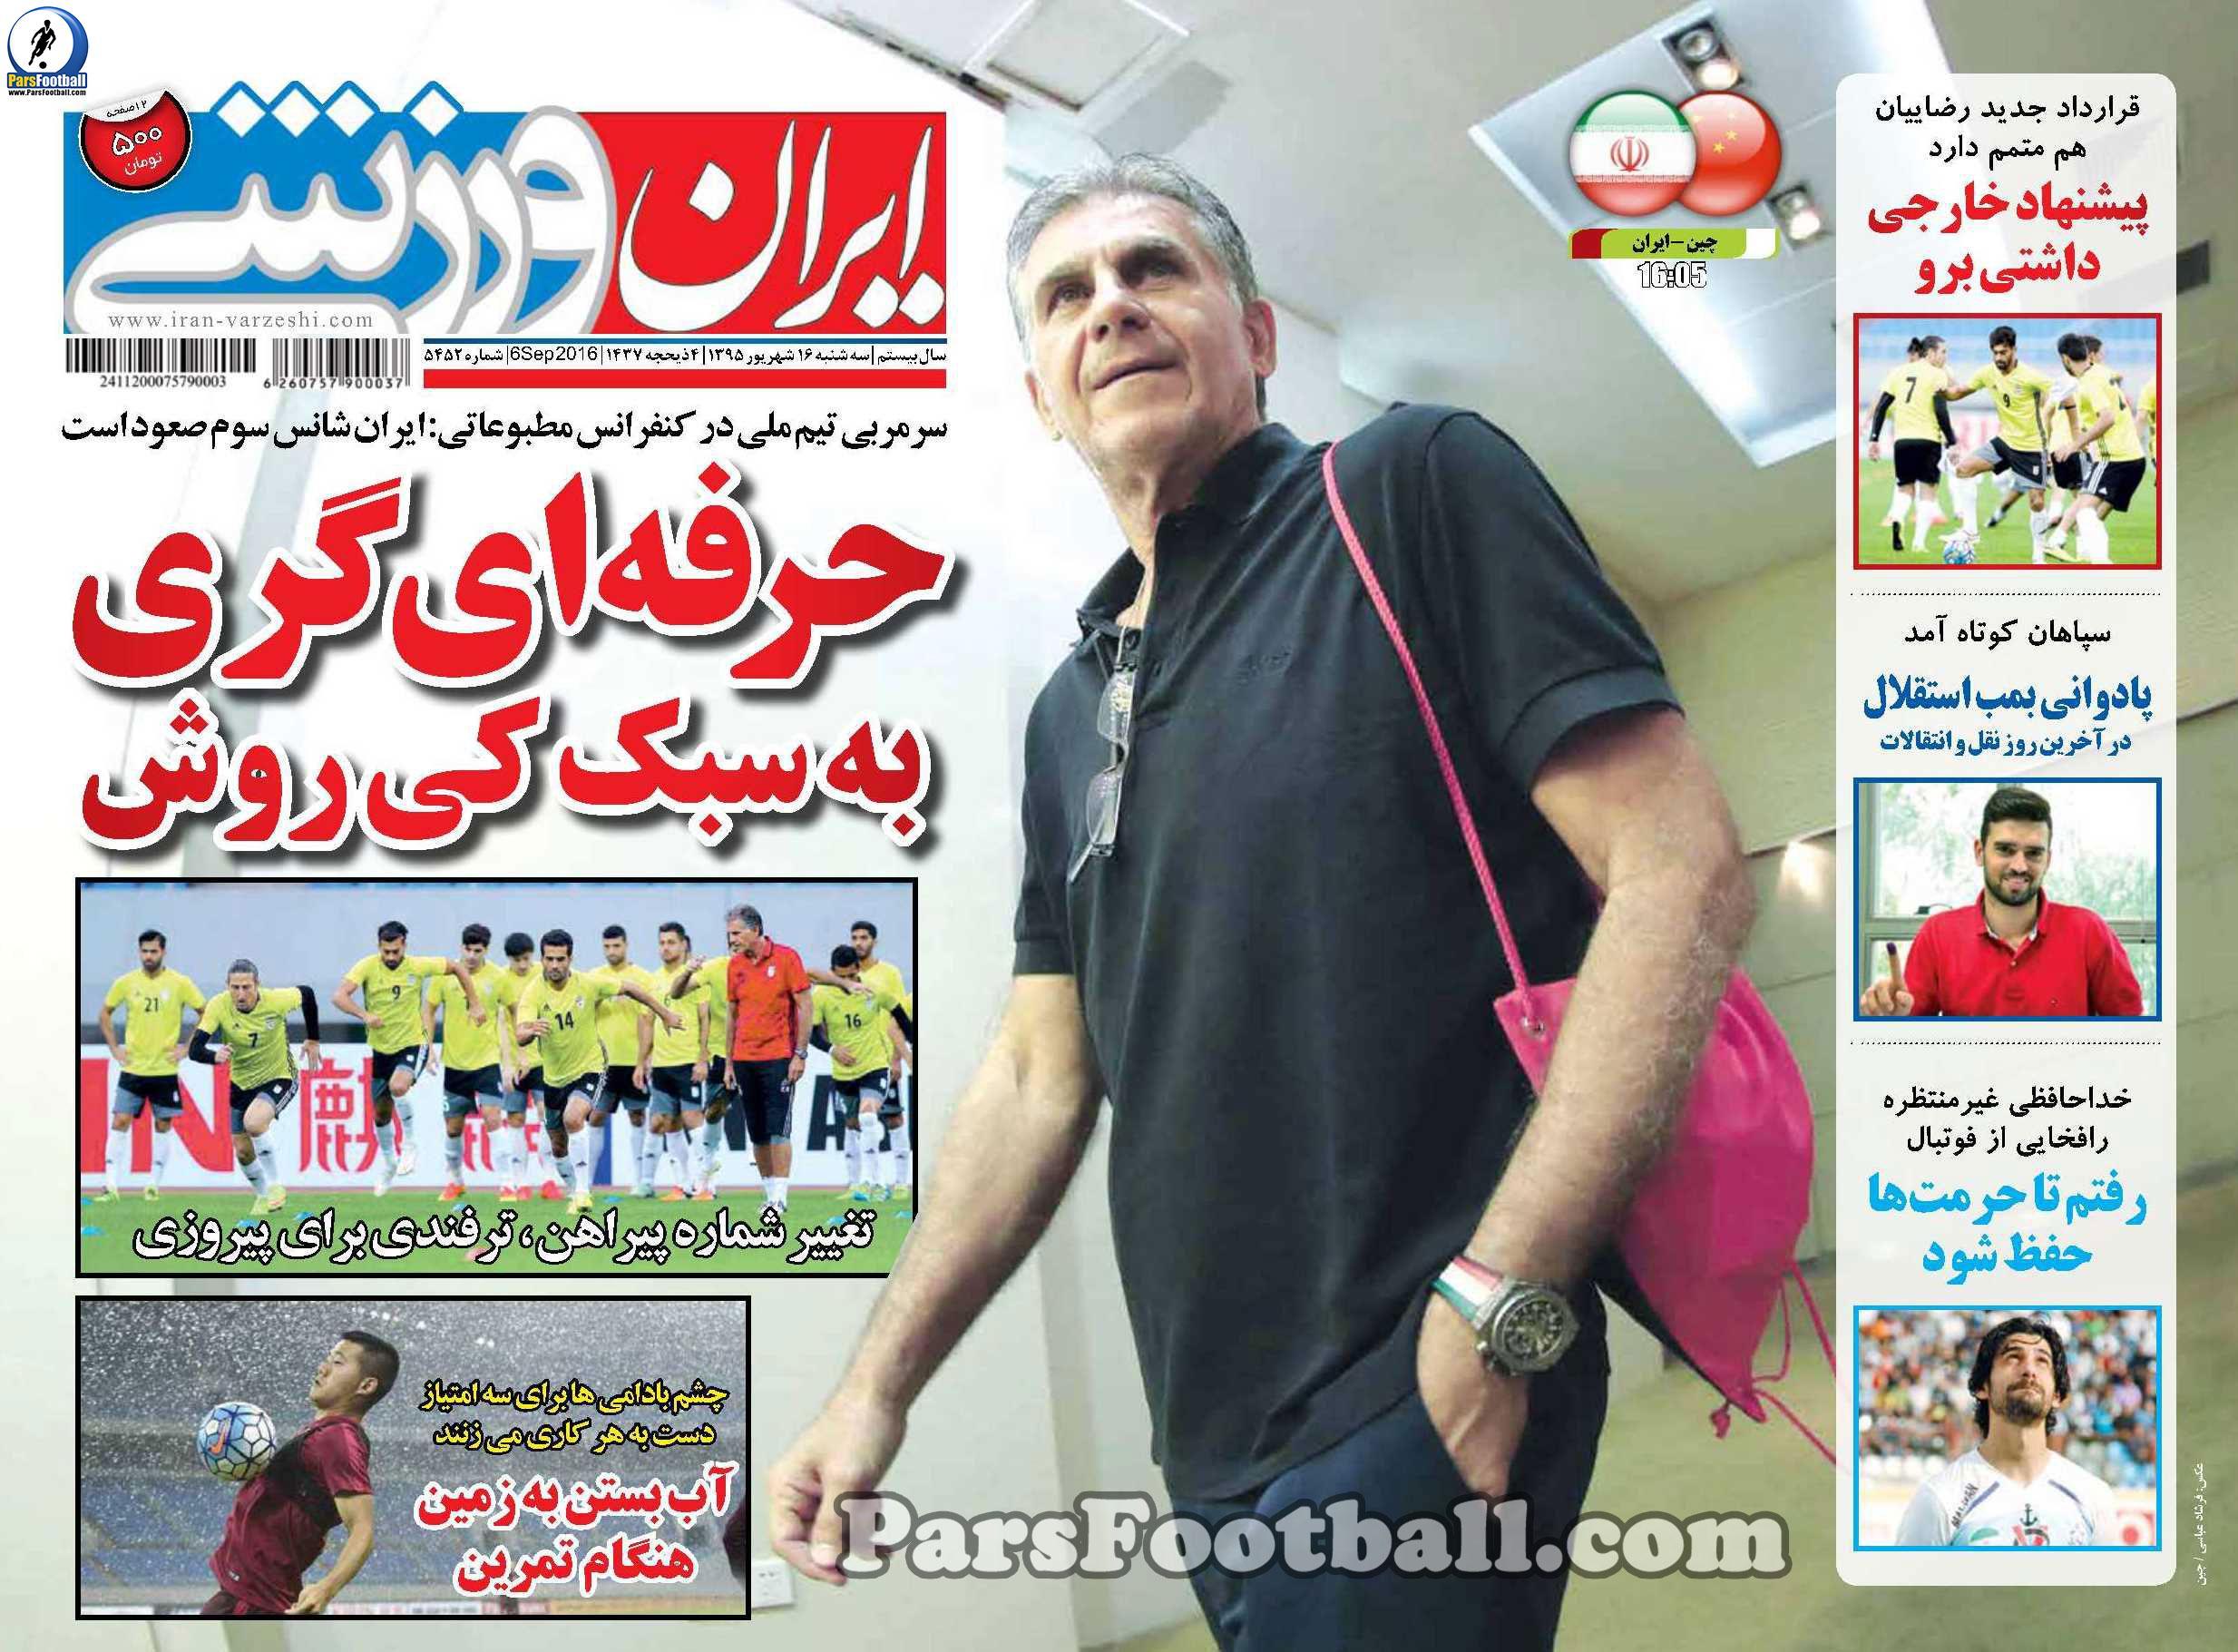 روزنامه ایران ورزشی سه شنبه 16 شهریور 95